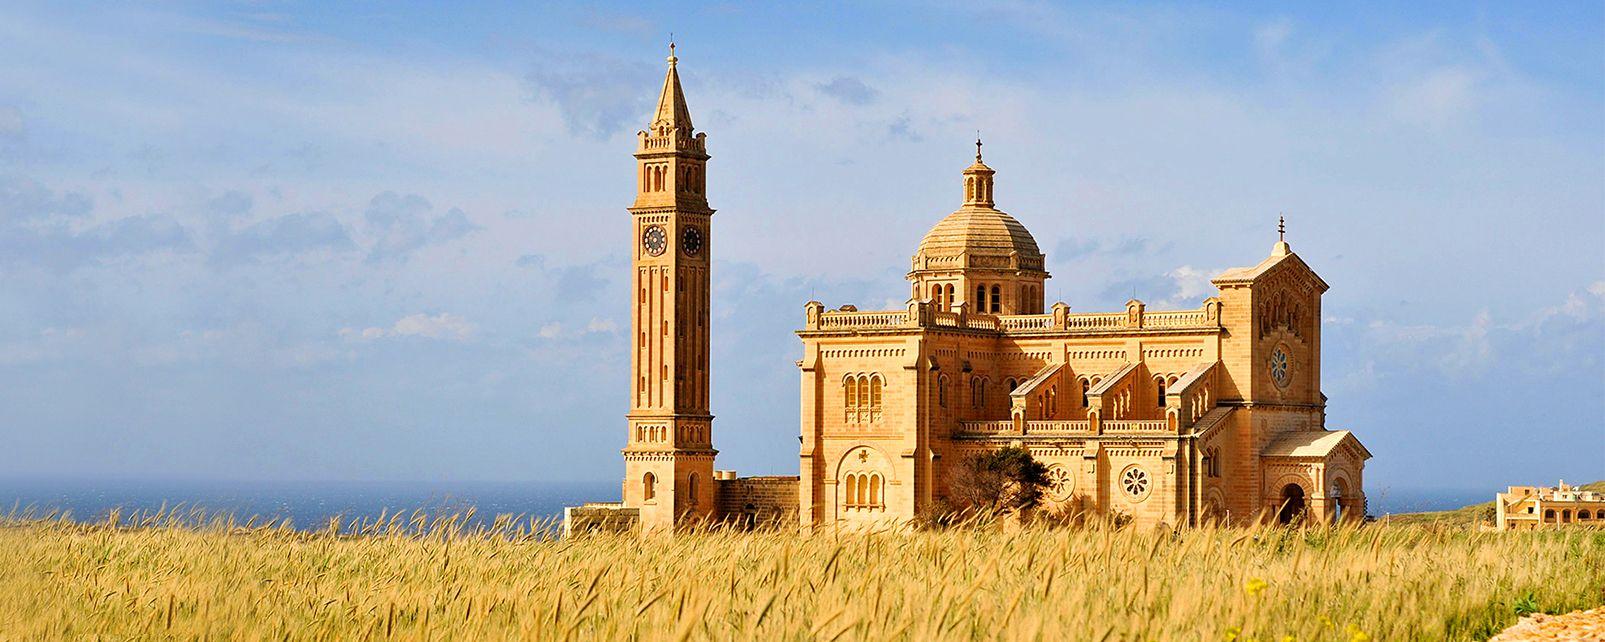 La basilique Ta'Pinu, Les monuments, Malte